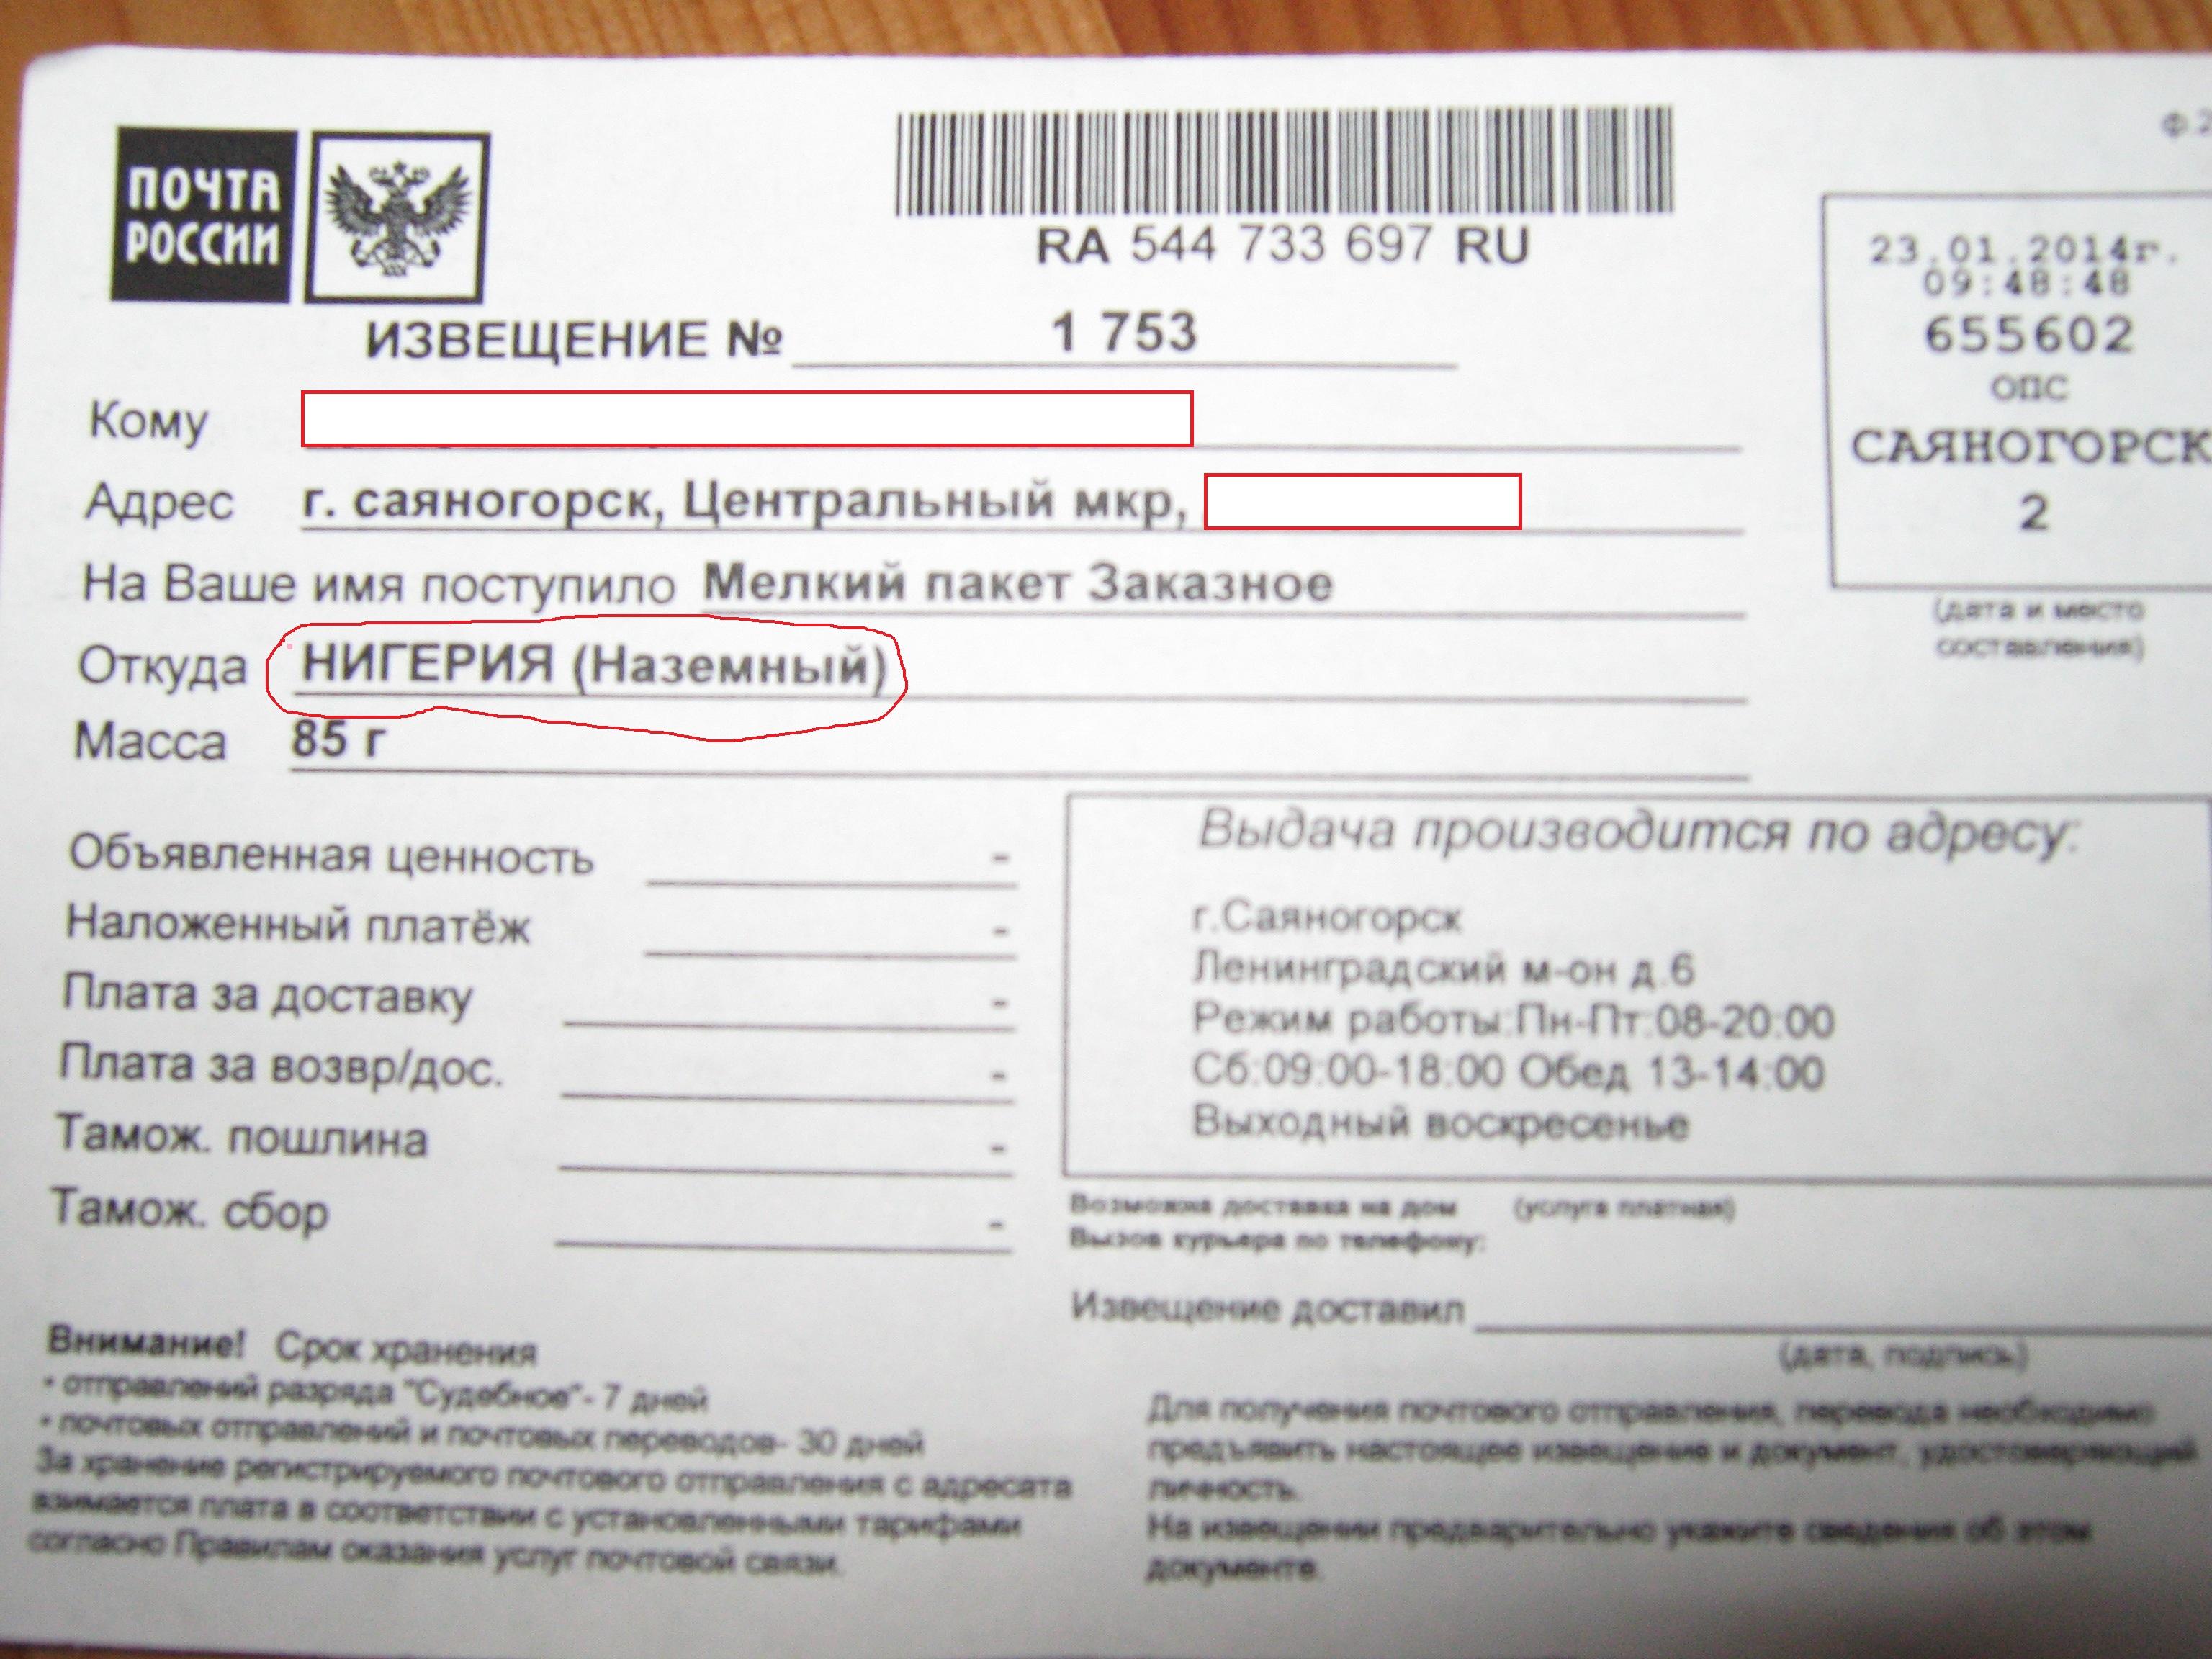 район емс можно ли до оплаты проверить посылку запасов (МПЗ) при